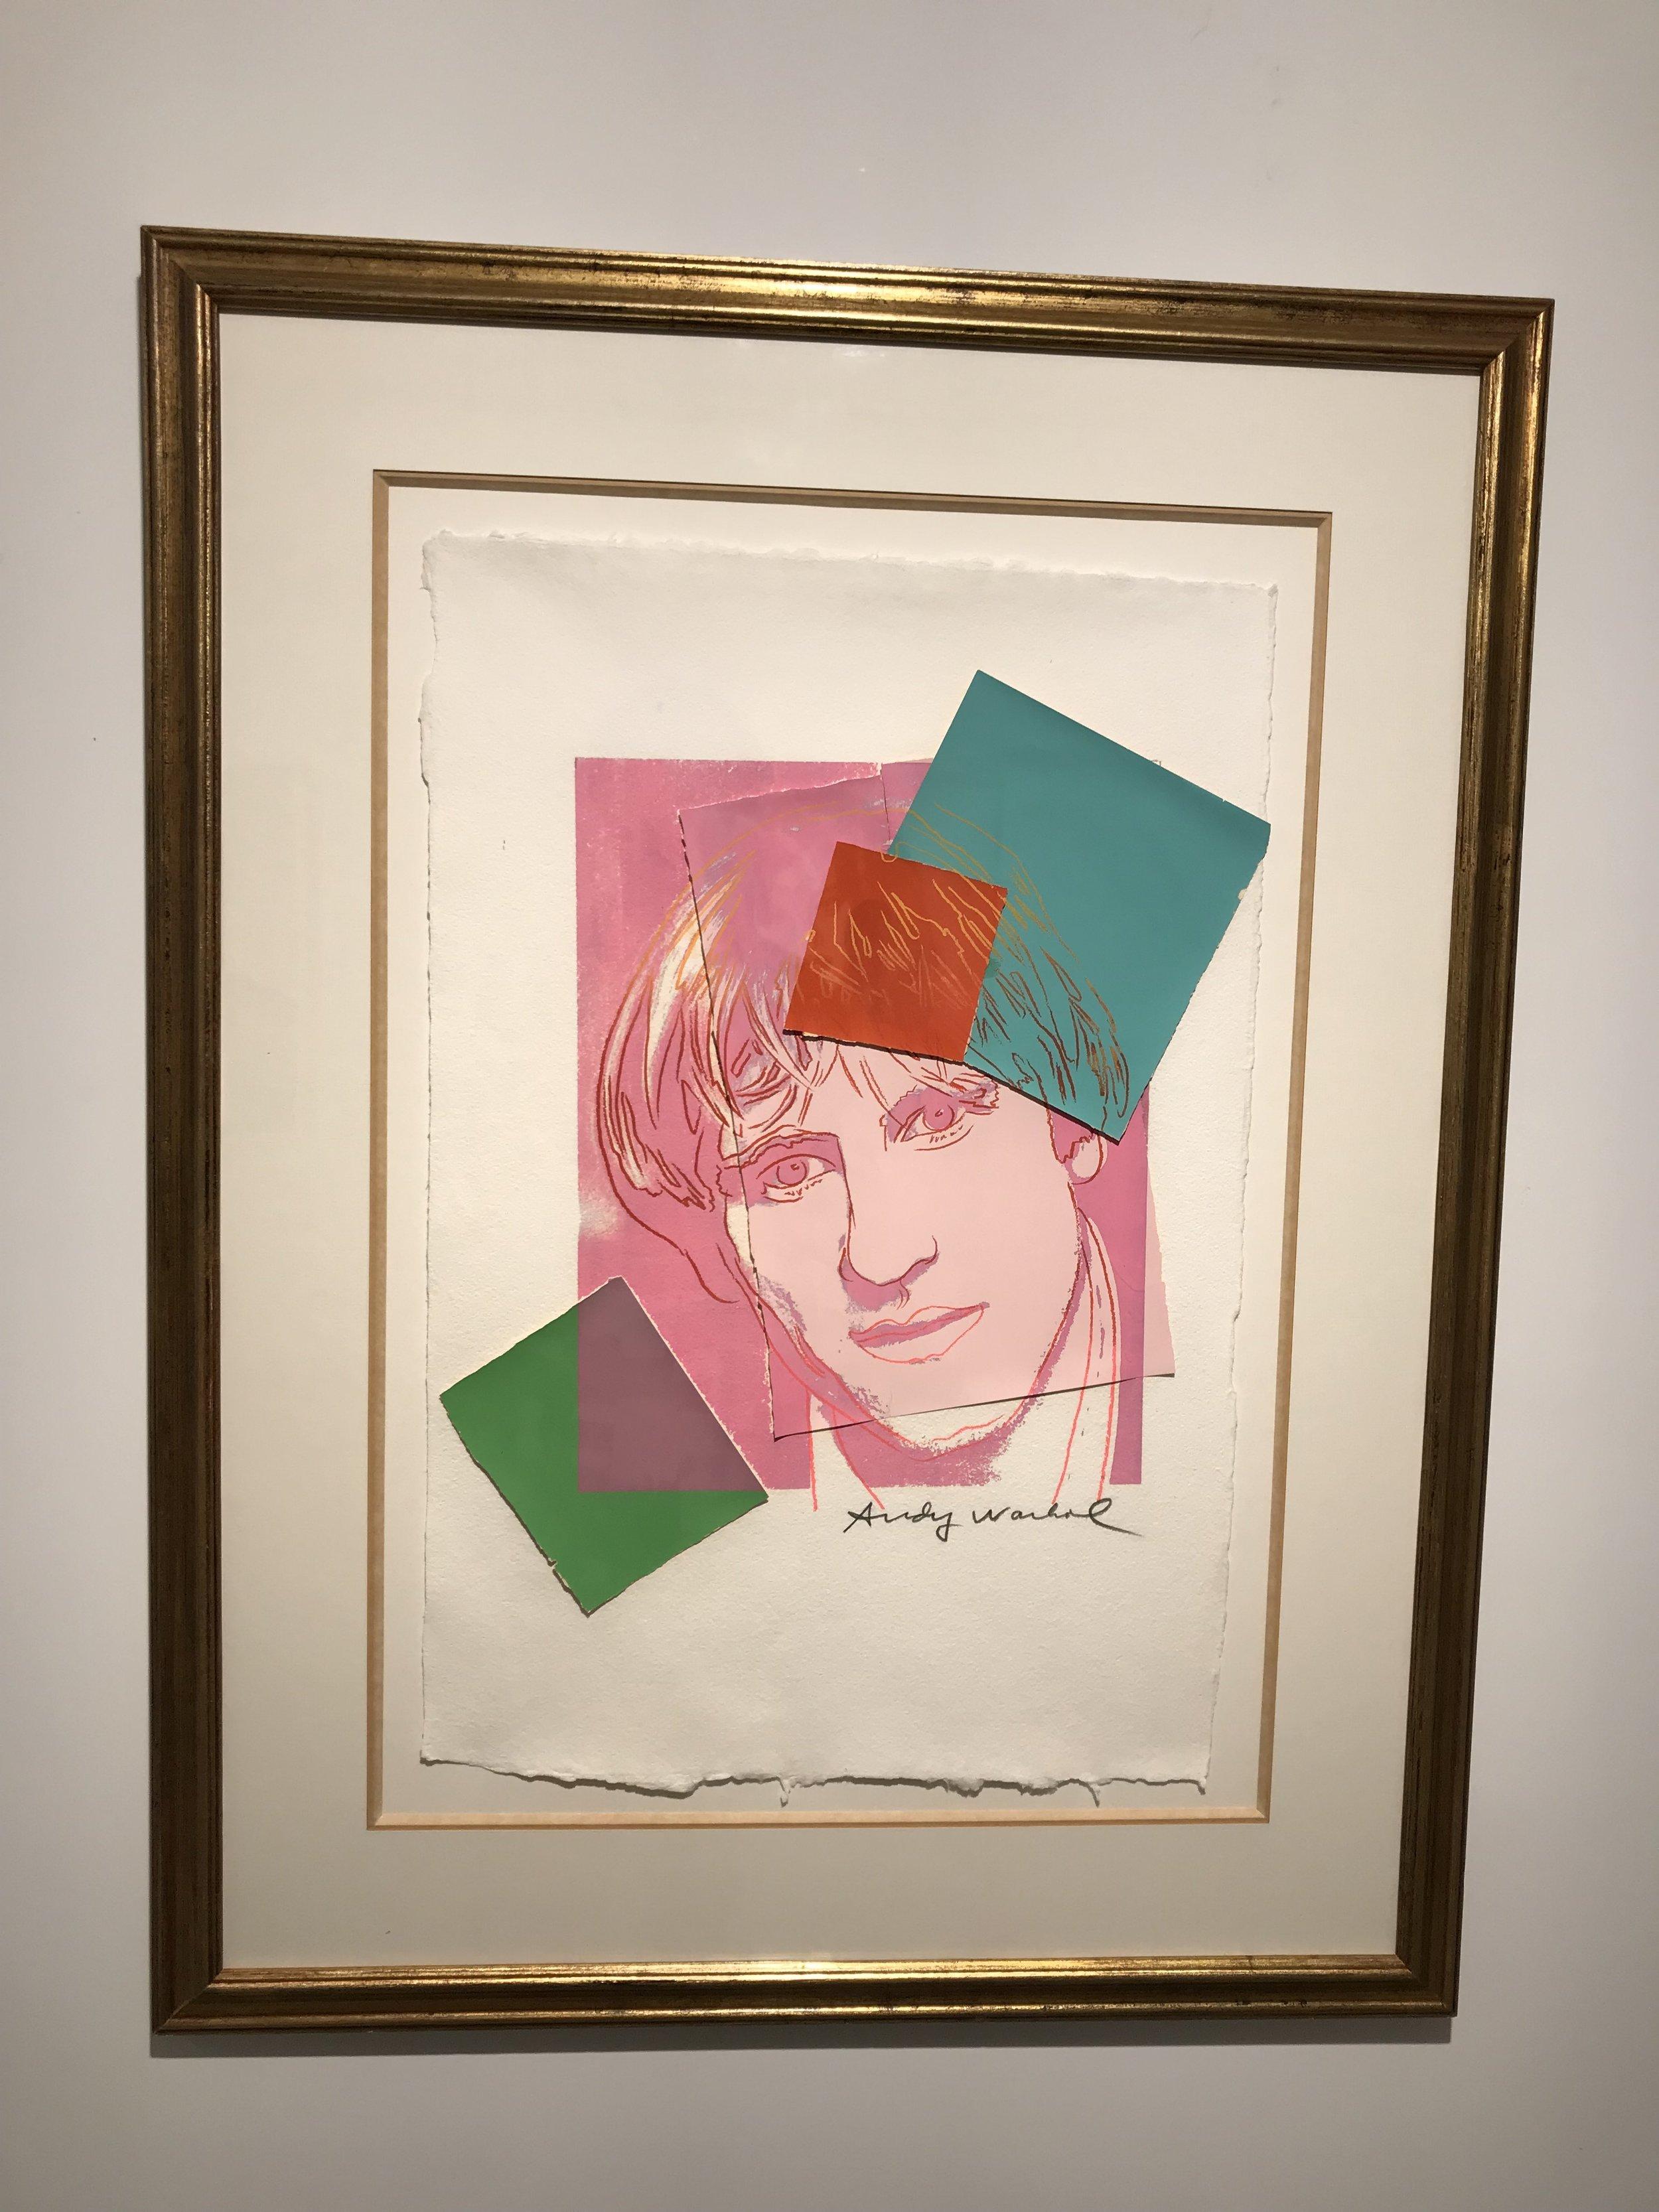 ©Gerard Depardieu  Andy Warhol, Screenprint on HMP papaer, 59.7 x 40 cm ,1986